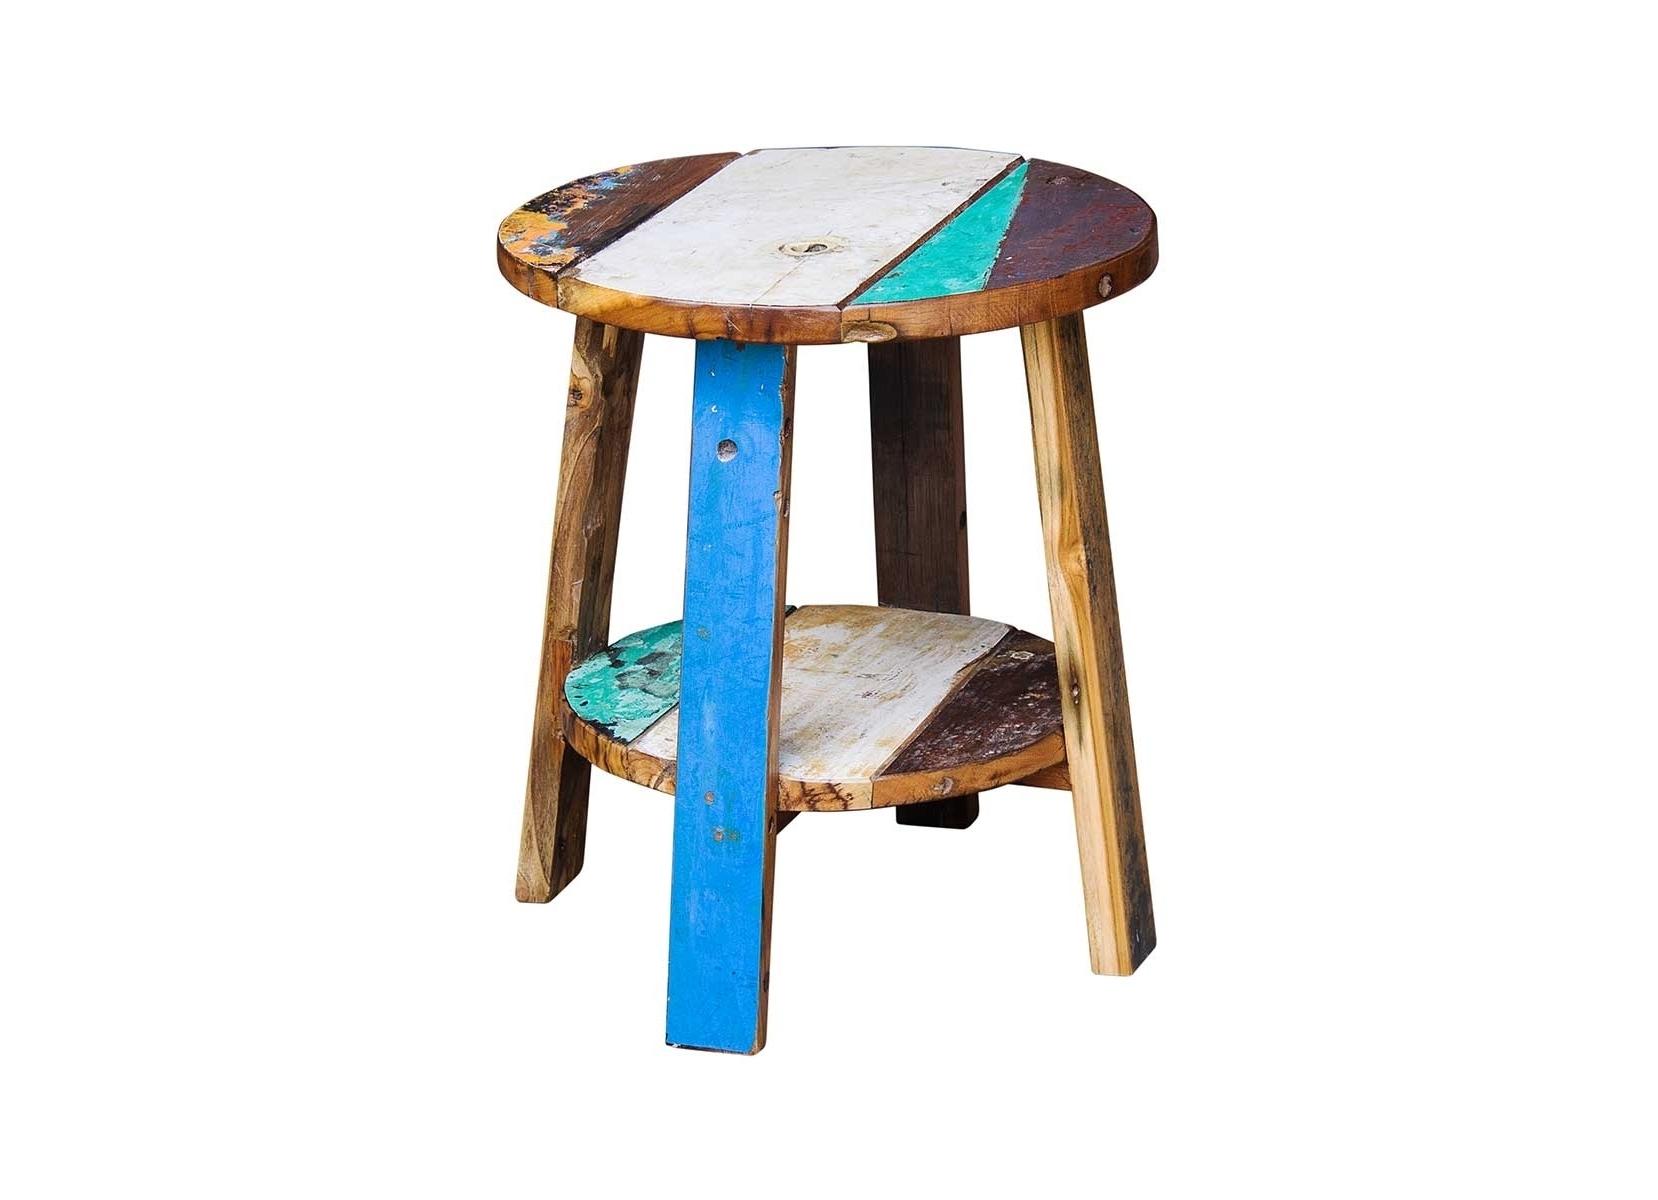 Тумба/табурет ГандиТабуреты<br>Тумба/табурет, выполнена из массива древесины старого рыбацкого судна, такой как: тик, махогон, суар, с сохранением оригинальной многослойной окраски. Компактный размер делает предмет идеальным для небольших пространств. Универсальная форма позволяет использовать не только как табурет, но и как тумбу, подставку для цветов или ванных принадлежностей. Подходит для использования как внутри помещения, так и снаружи.<br><br>Material: Тик<br>Ширина см: 45<br>Высота см: 55<br>Глубина см: 45